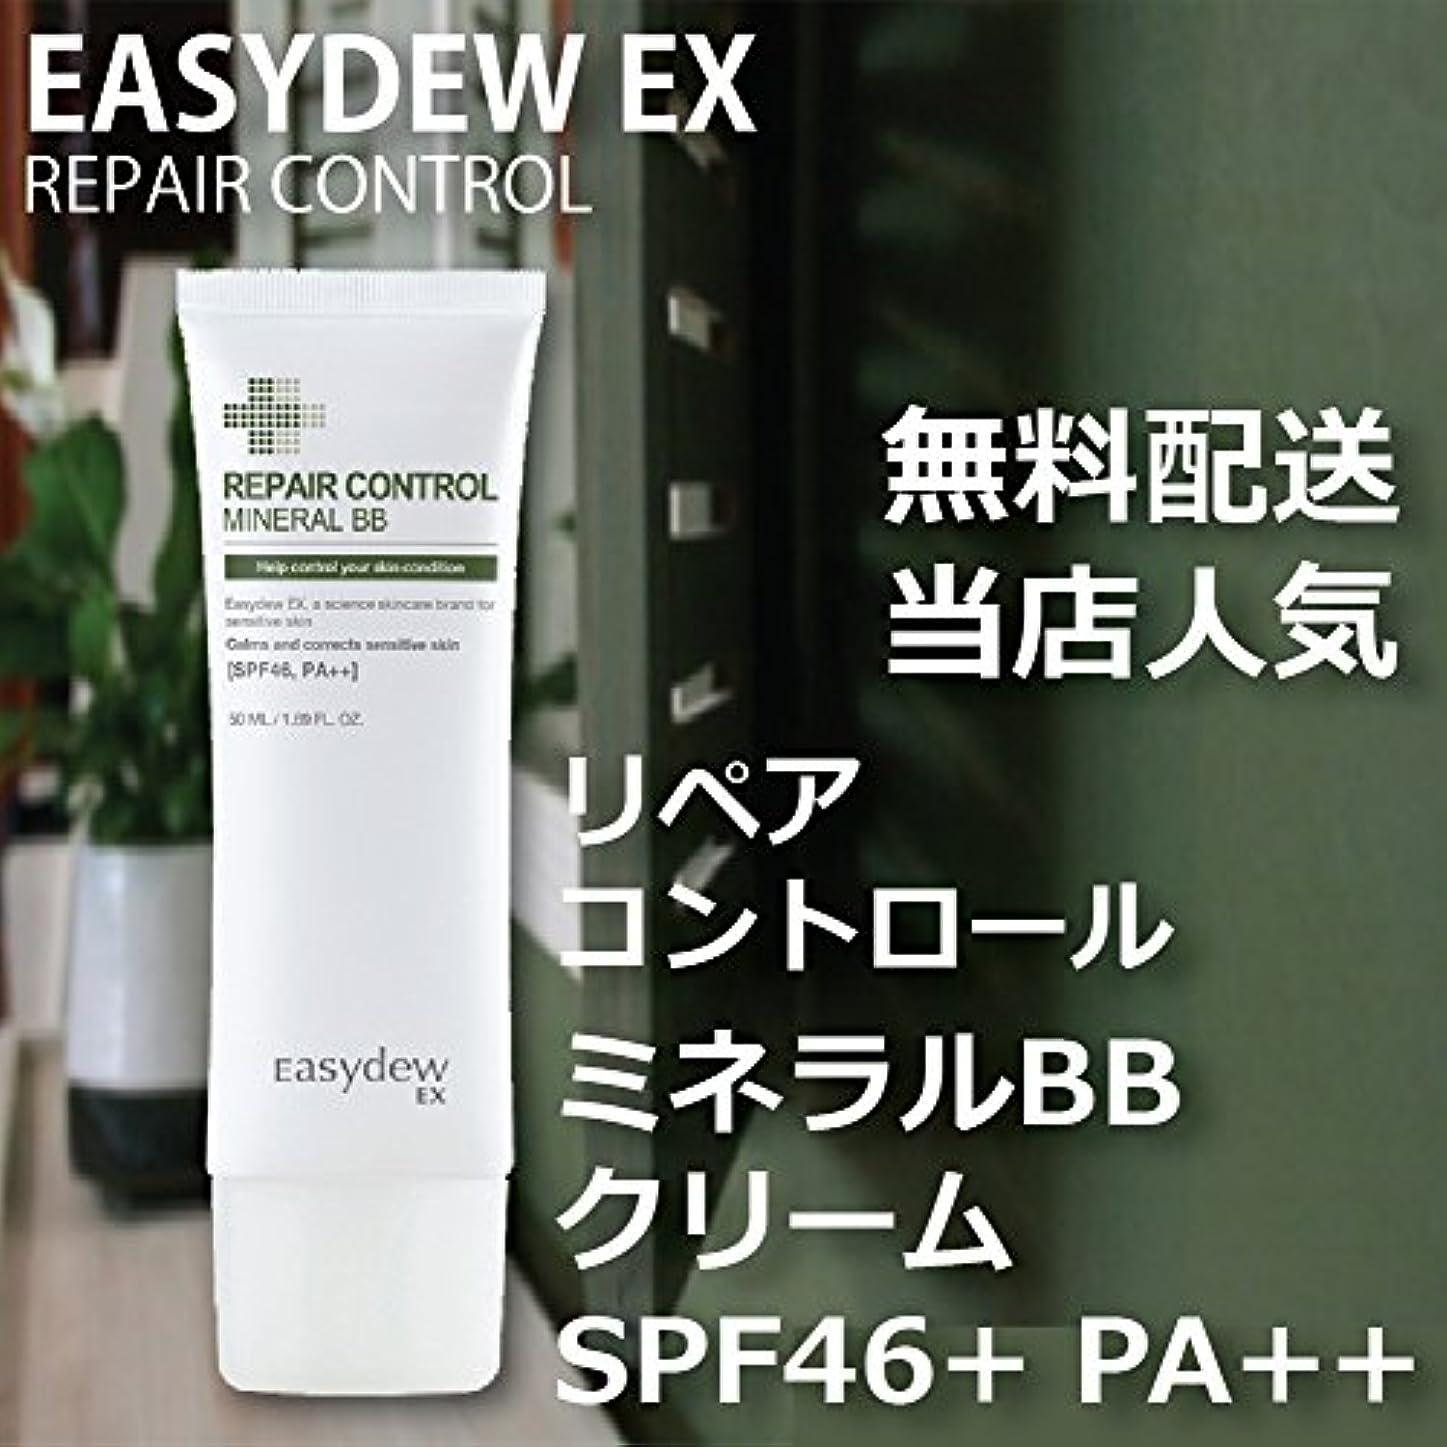 冒険者望む必要とするEASY DEW EX ミネラル BBクリーム SPF46+ PA++ 50ml MINRAL BB CREAM 韓国 人気 コスメ イージーデュー 敏感 乾燥 美白 しわ 3重機能性